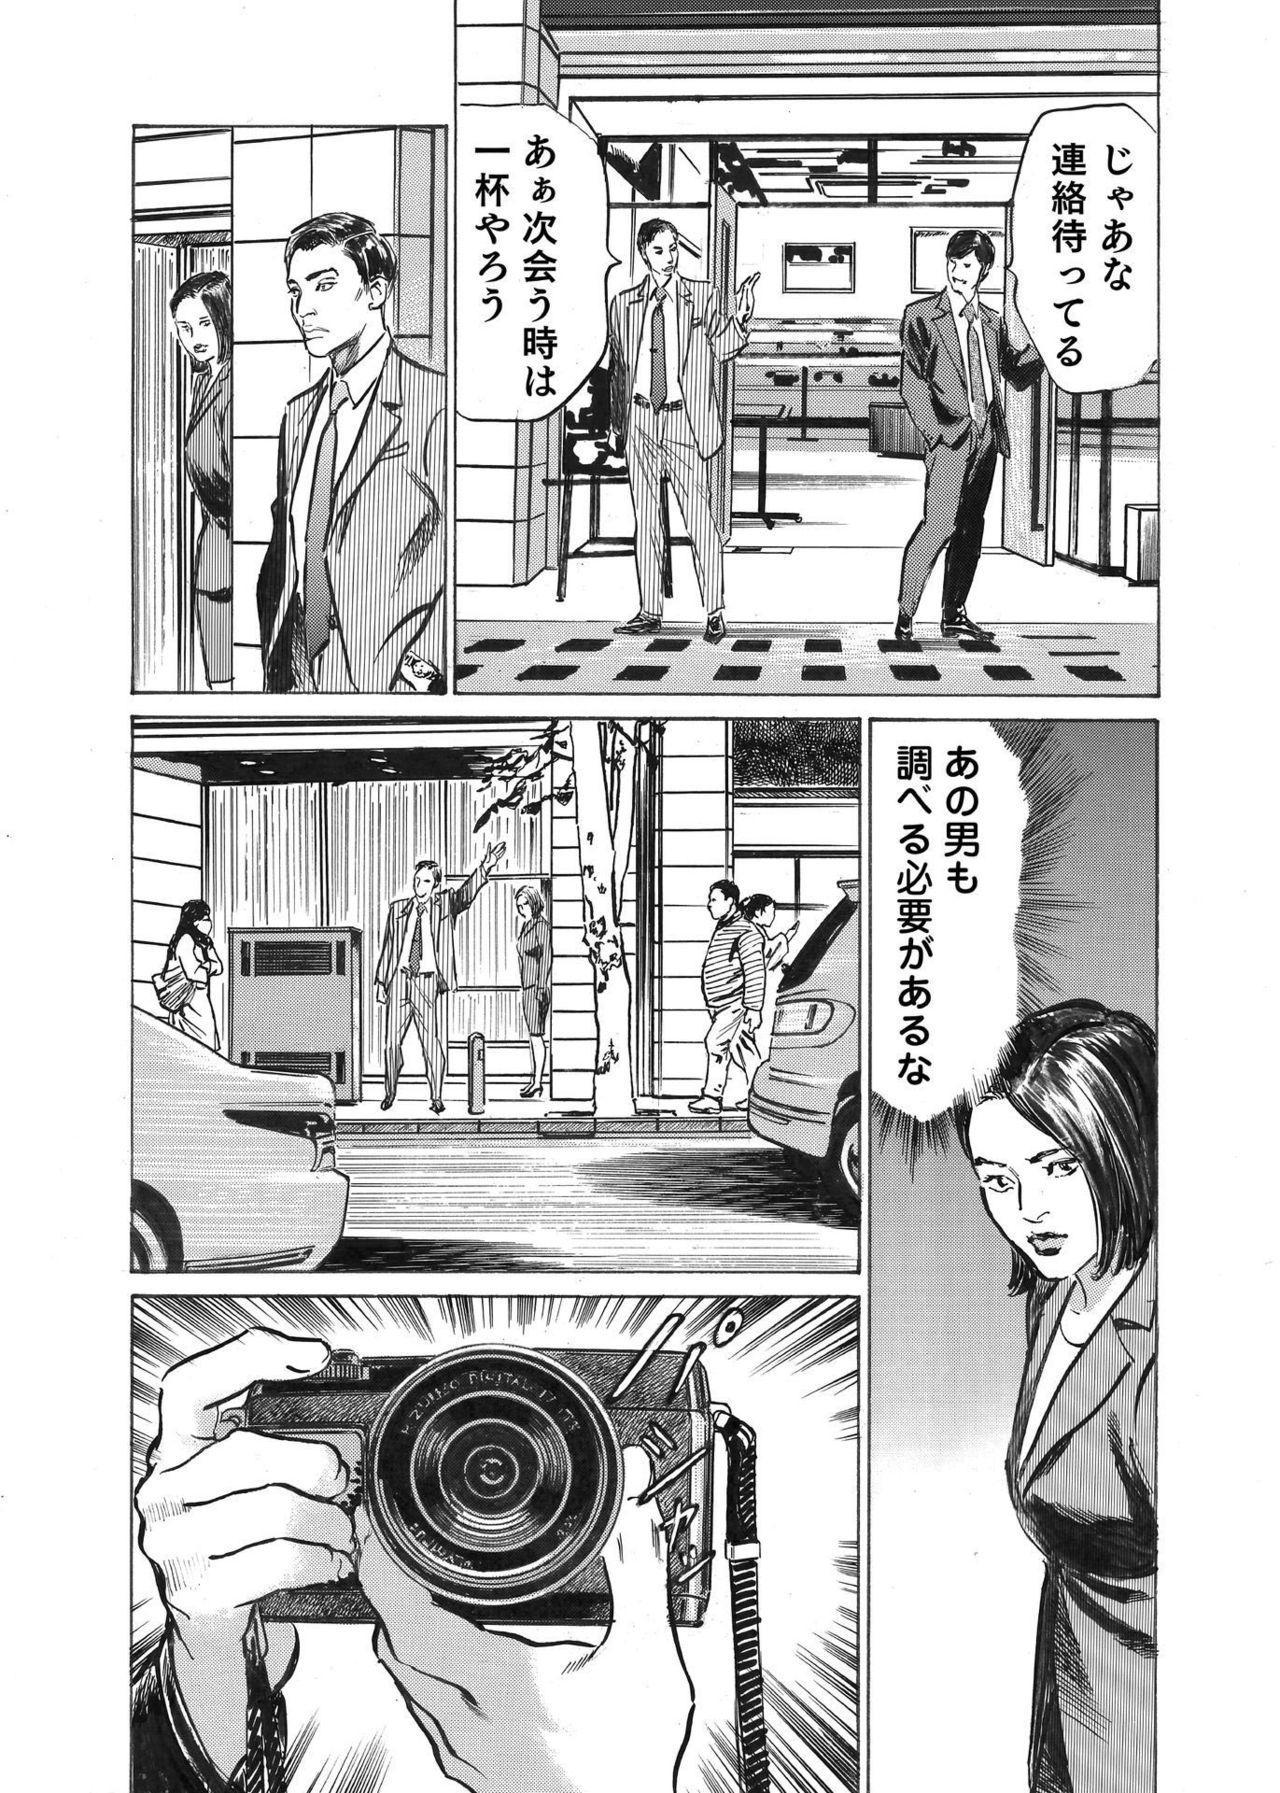 Ore wa Tsuma no Koto o Yoku Shiranai 1-9 127